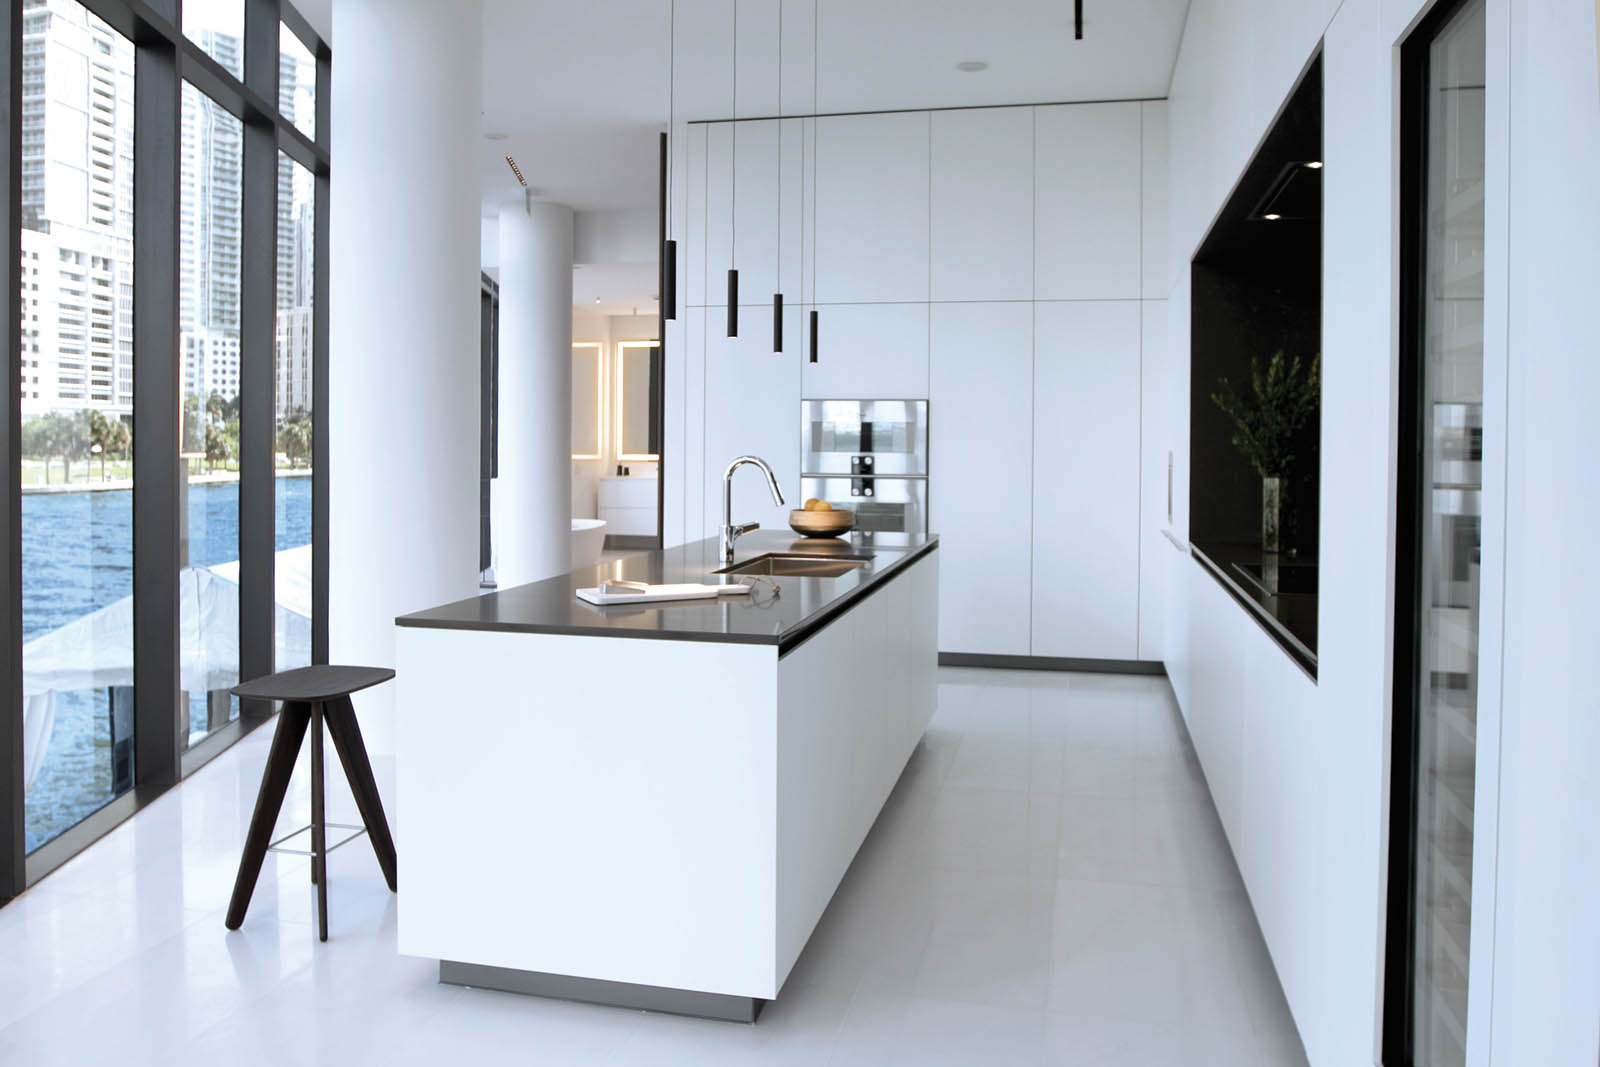 Aston_Martin_Residences_03